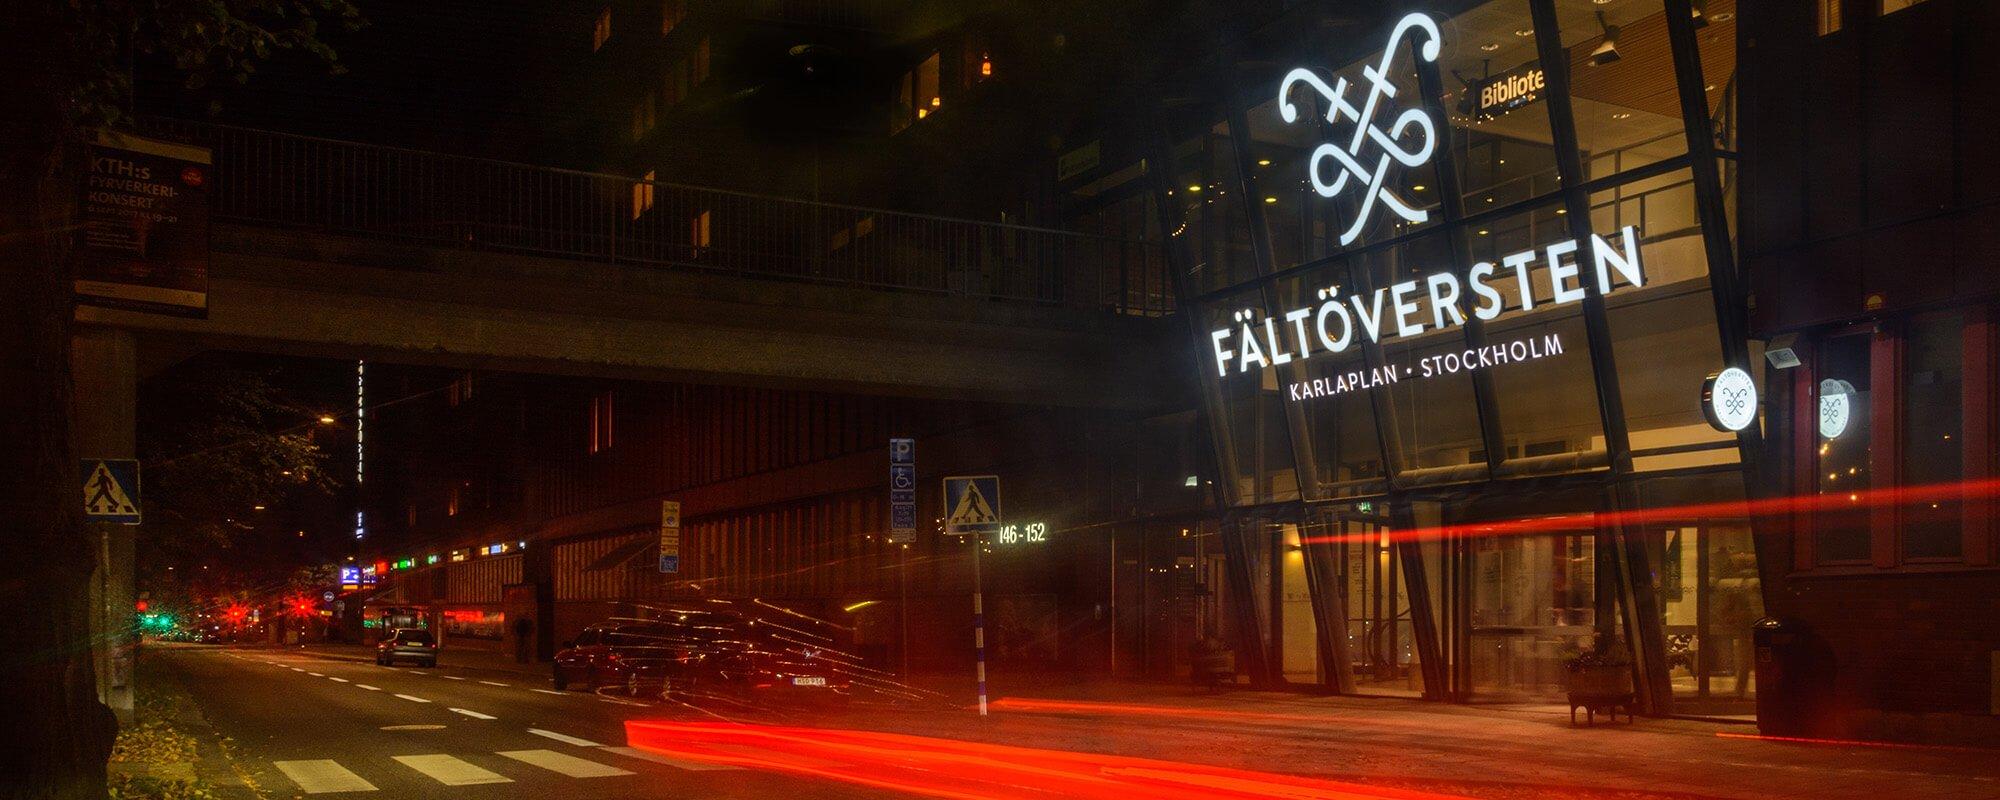 Fältöversten Skyltar skapare i Stockholm | Focus Neon